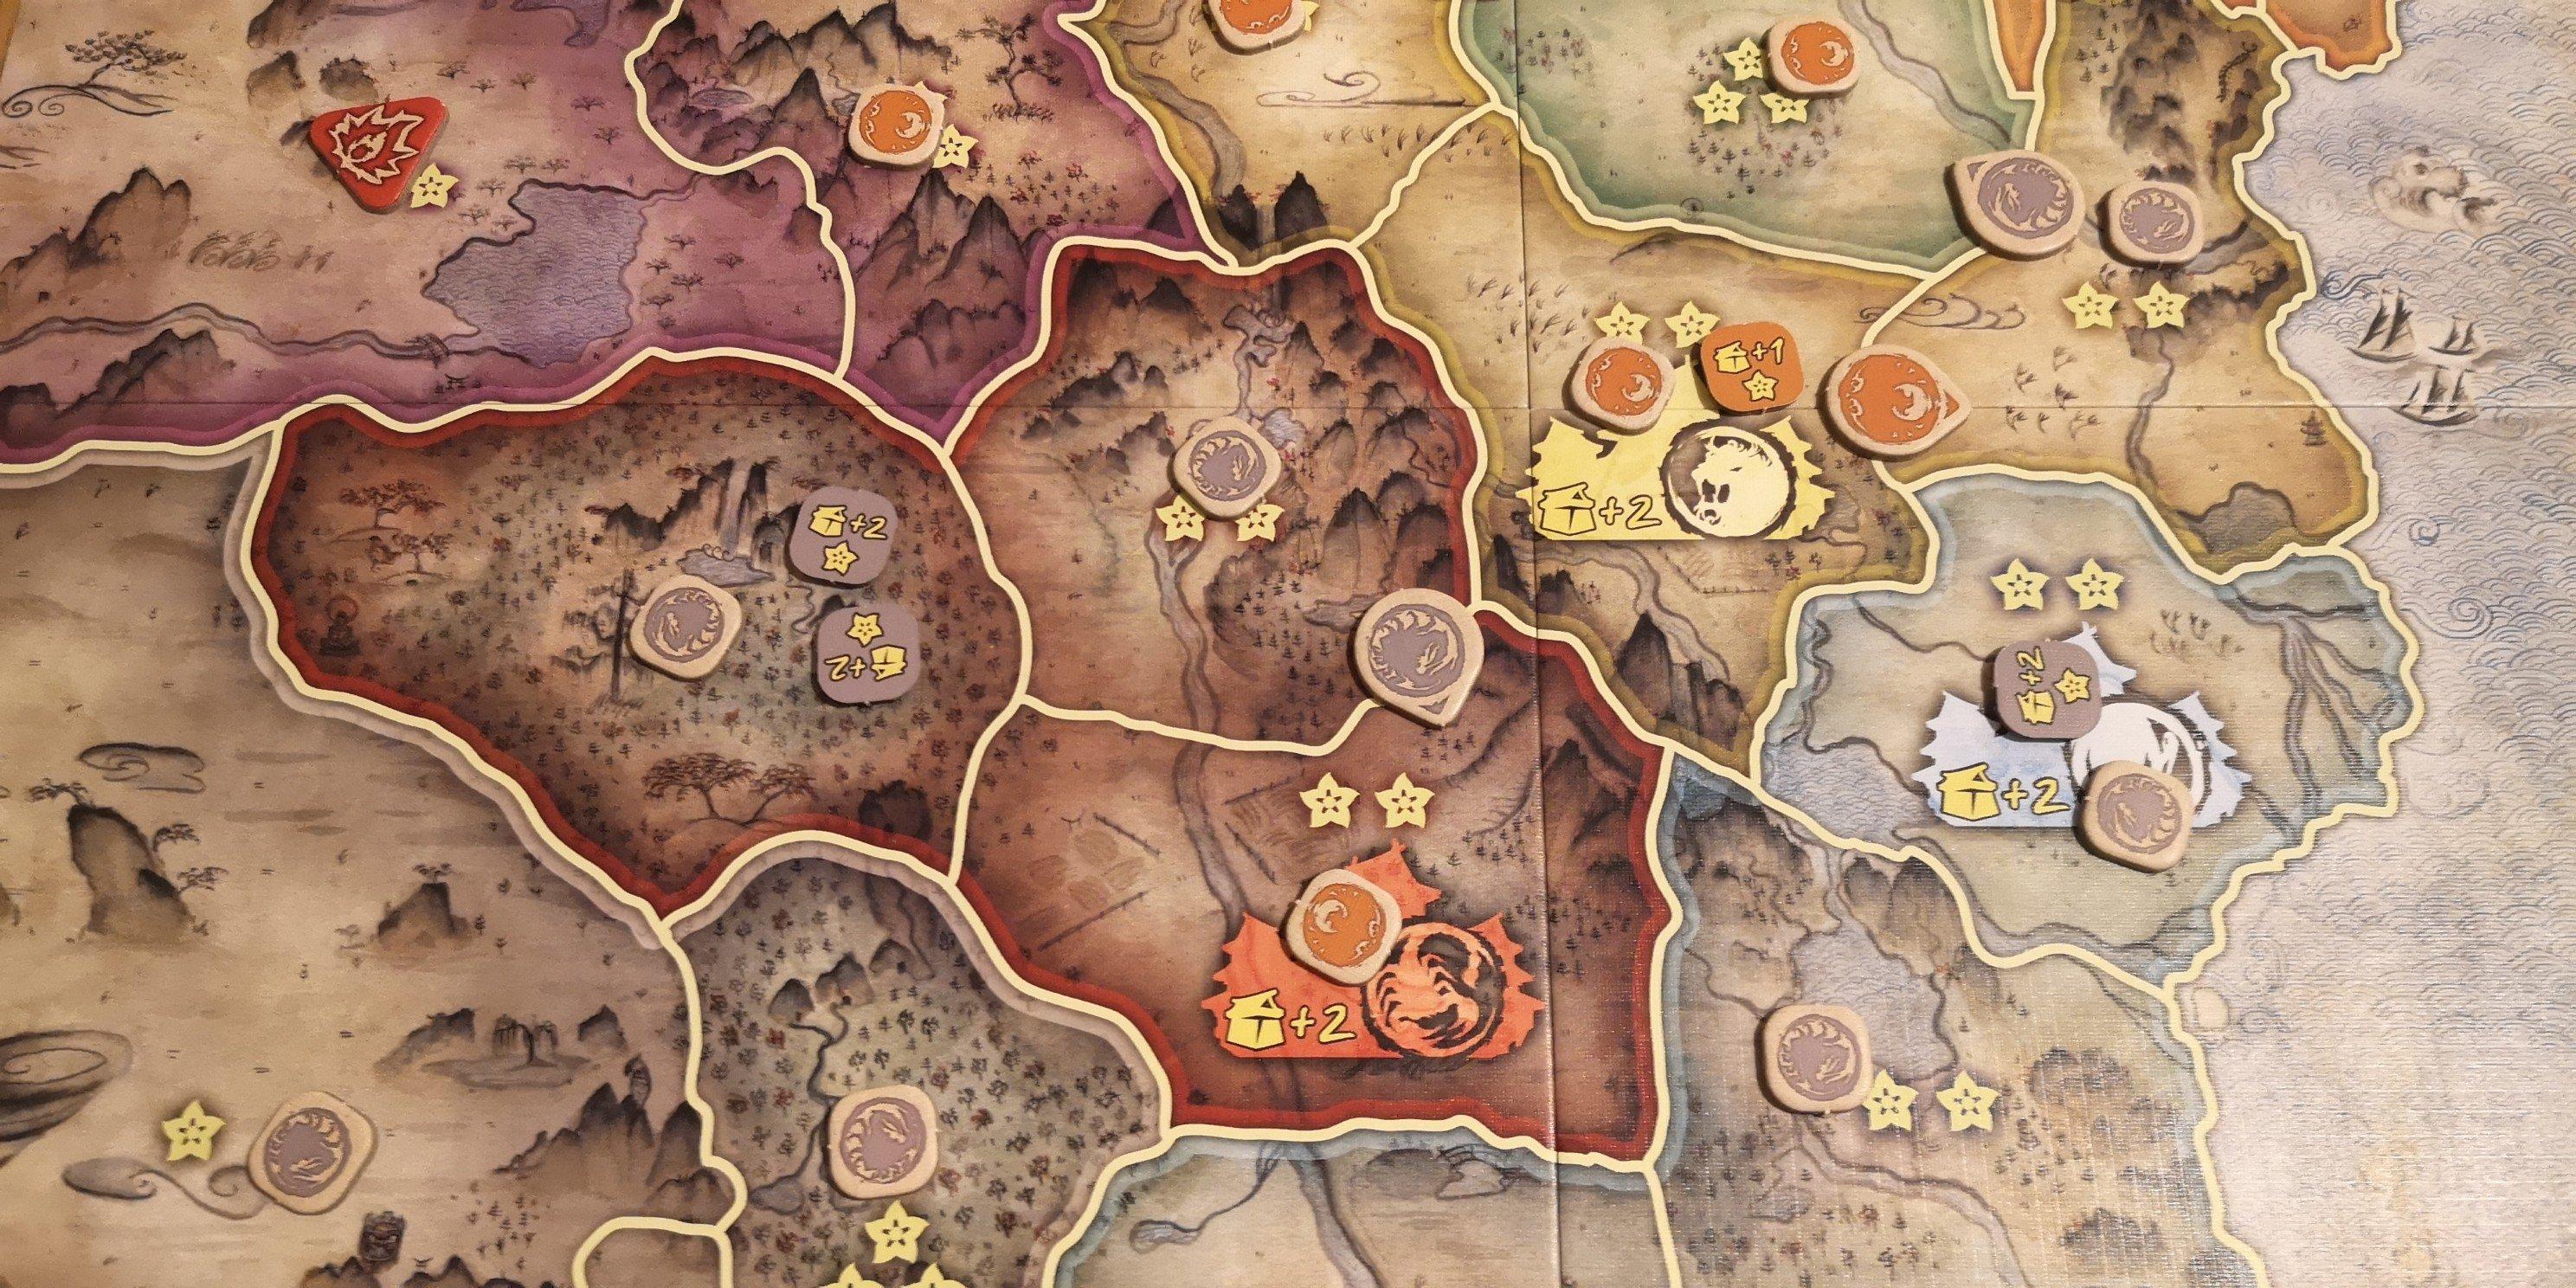 Battle for Rokugan: Crab vs Phoenix